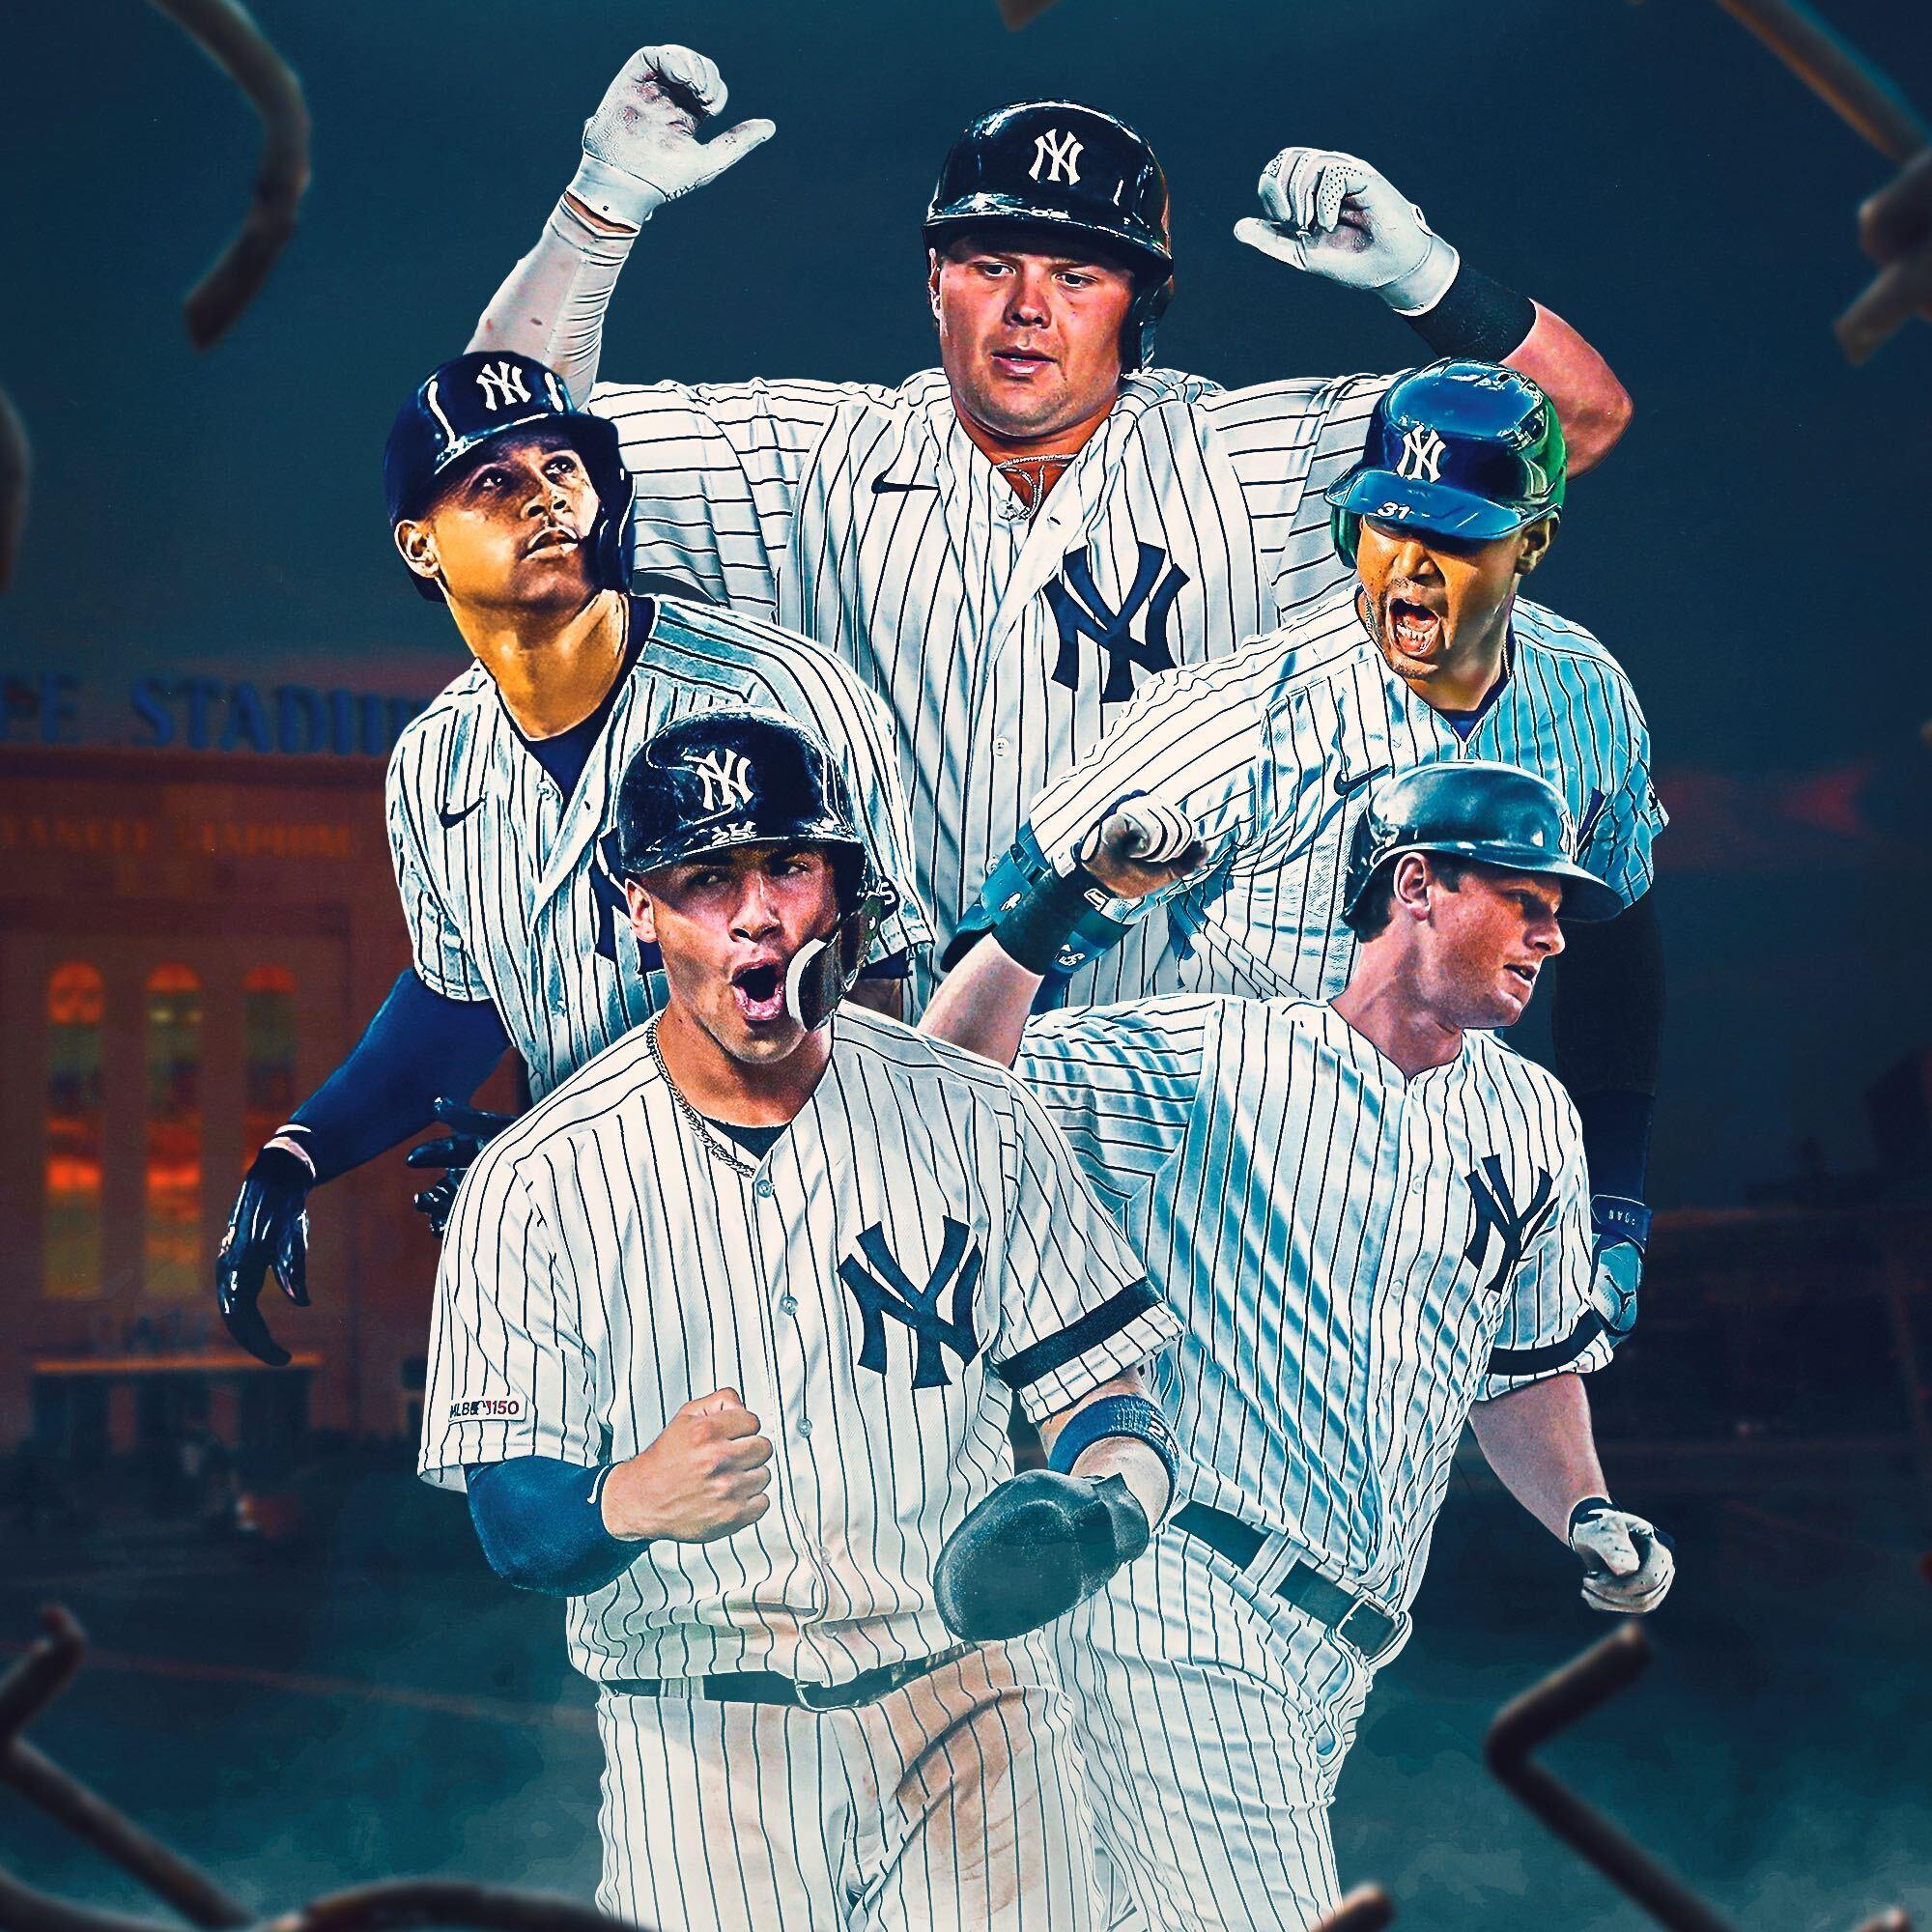 ¡Bombarderos del Bronx! Yankees impone marca de cinco jonrones en una entrada